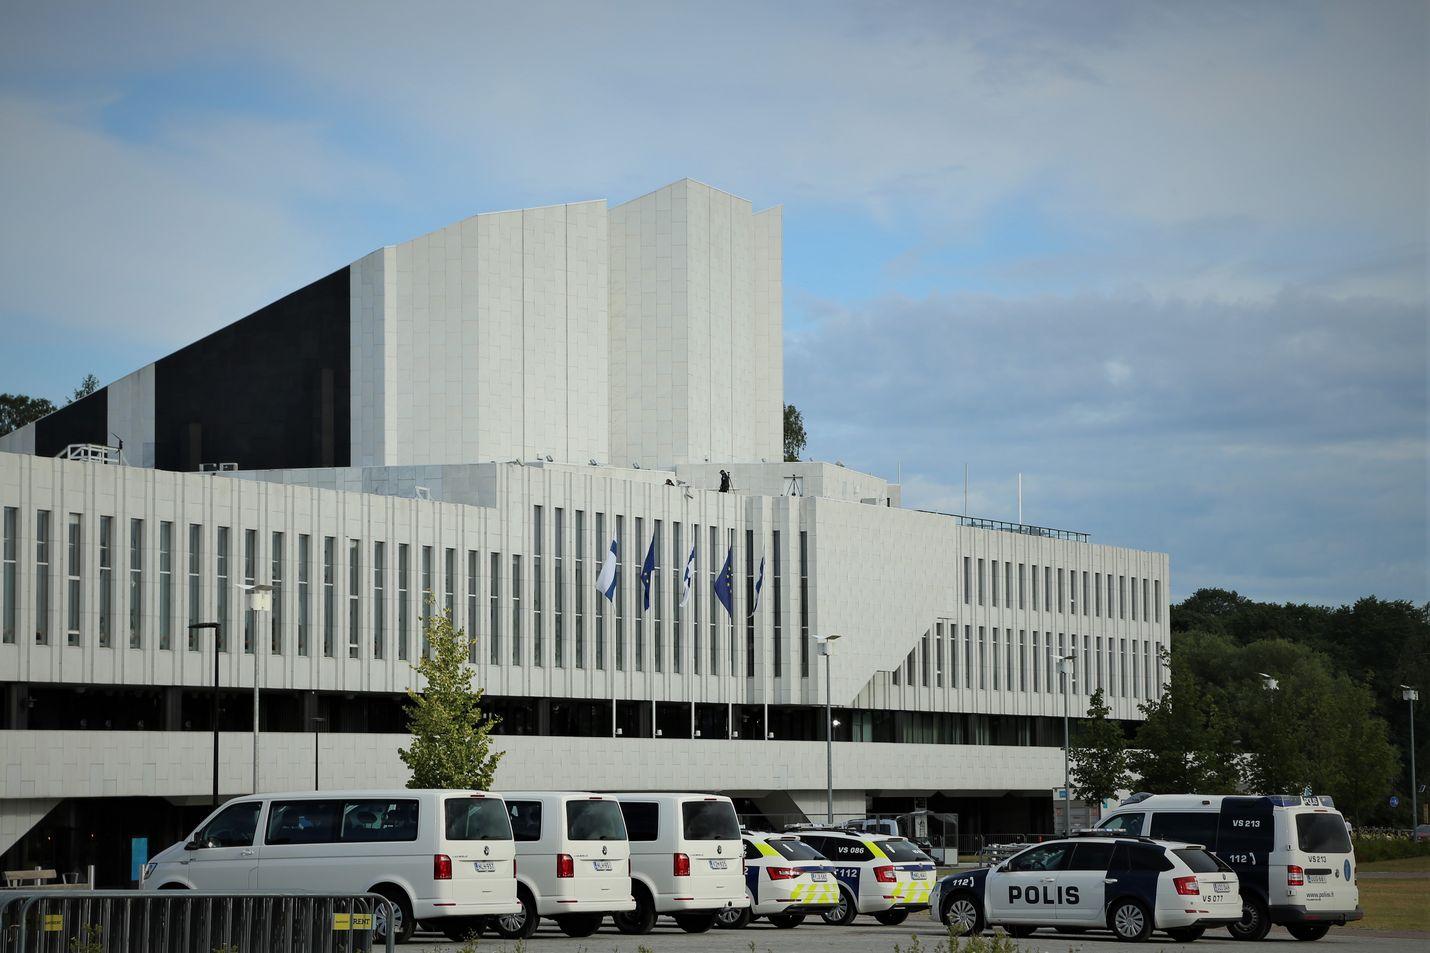 EU-puheenjohtajuuskaudella järjestettävät epäviralliset ministerikokoukset järjestetään Finlandia-talossa. Poliisi suojasi aluetta viime viikolla, kun EU-maiden ympäristöministerit vierailivat Suomessa.